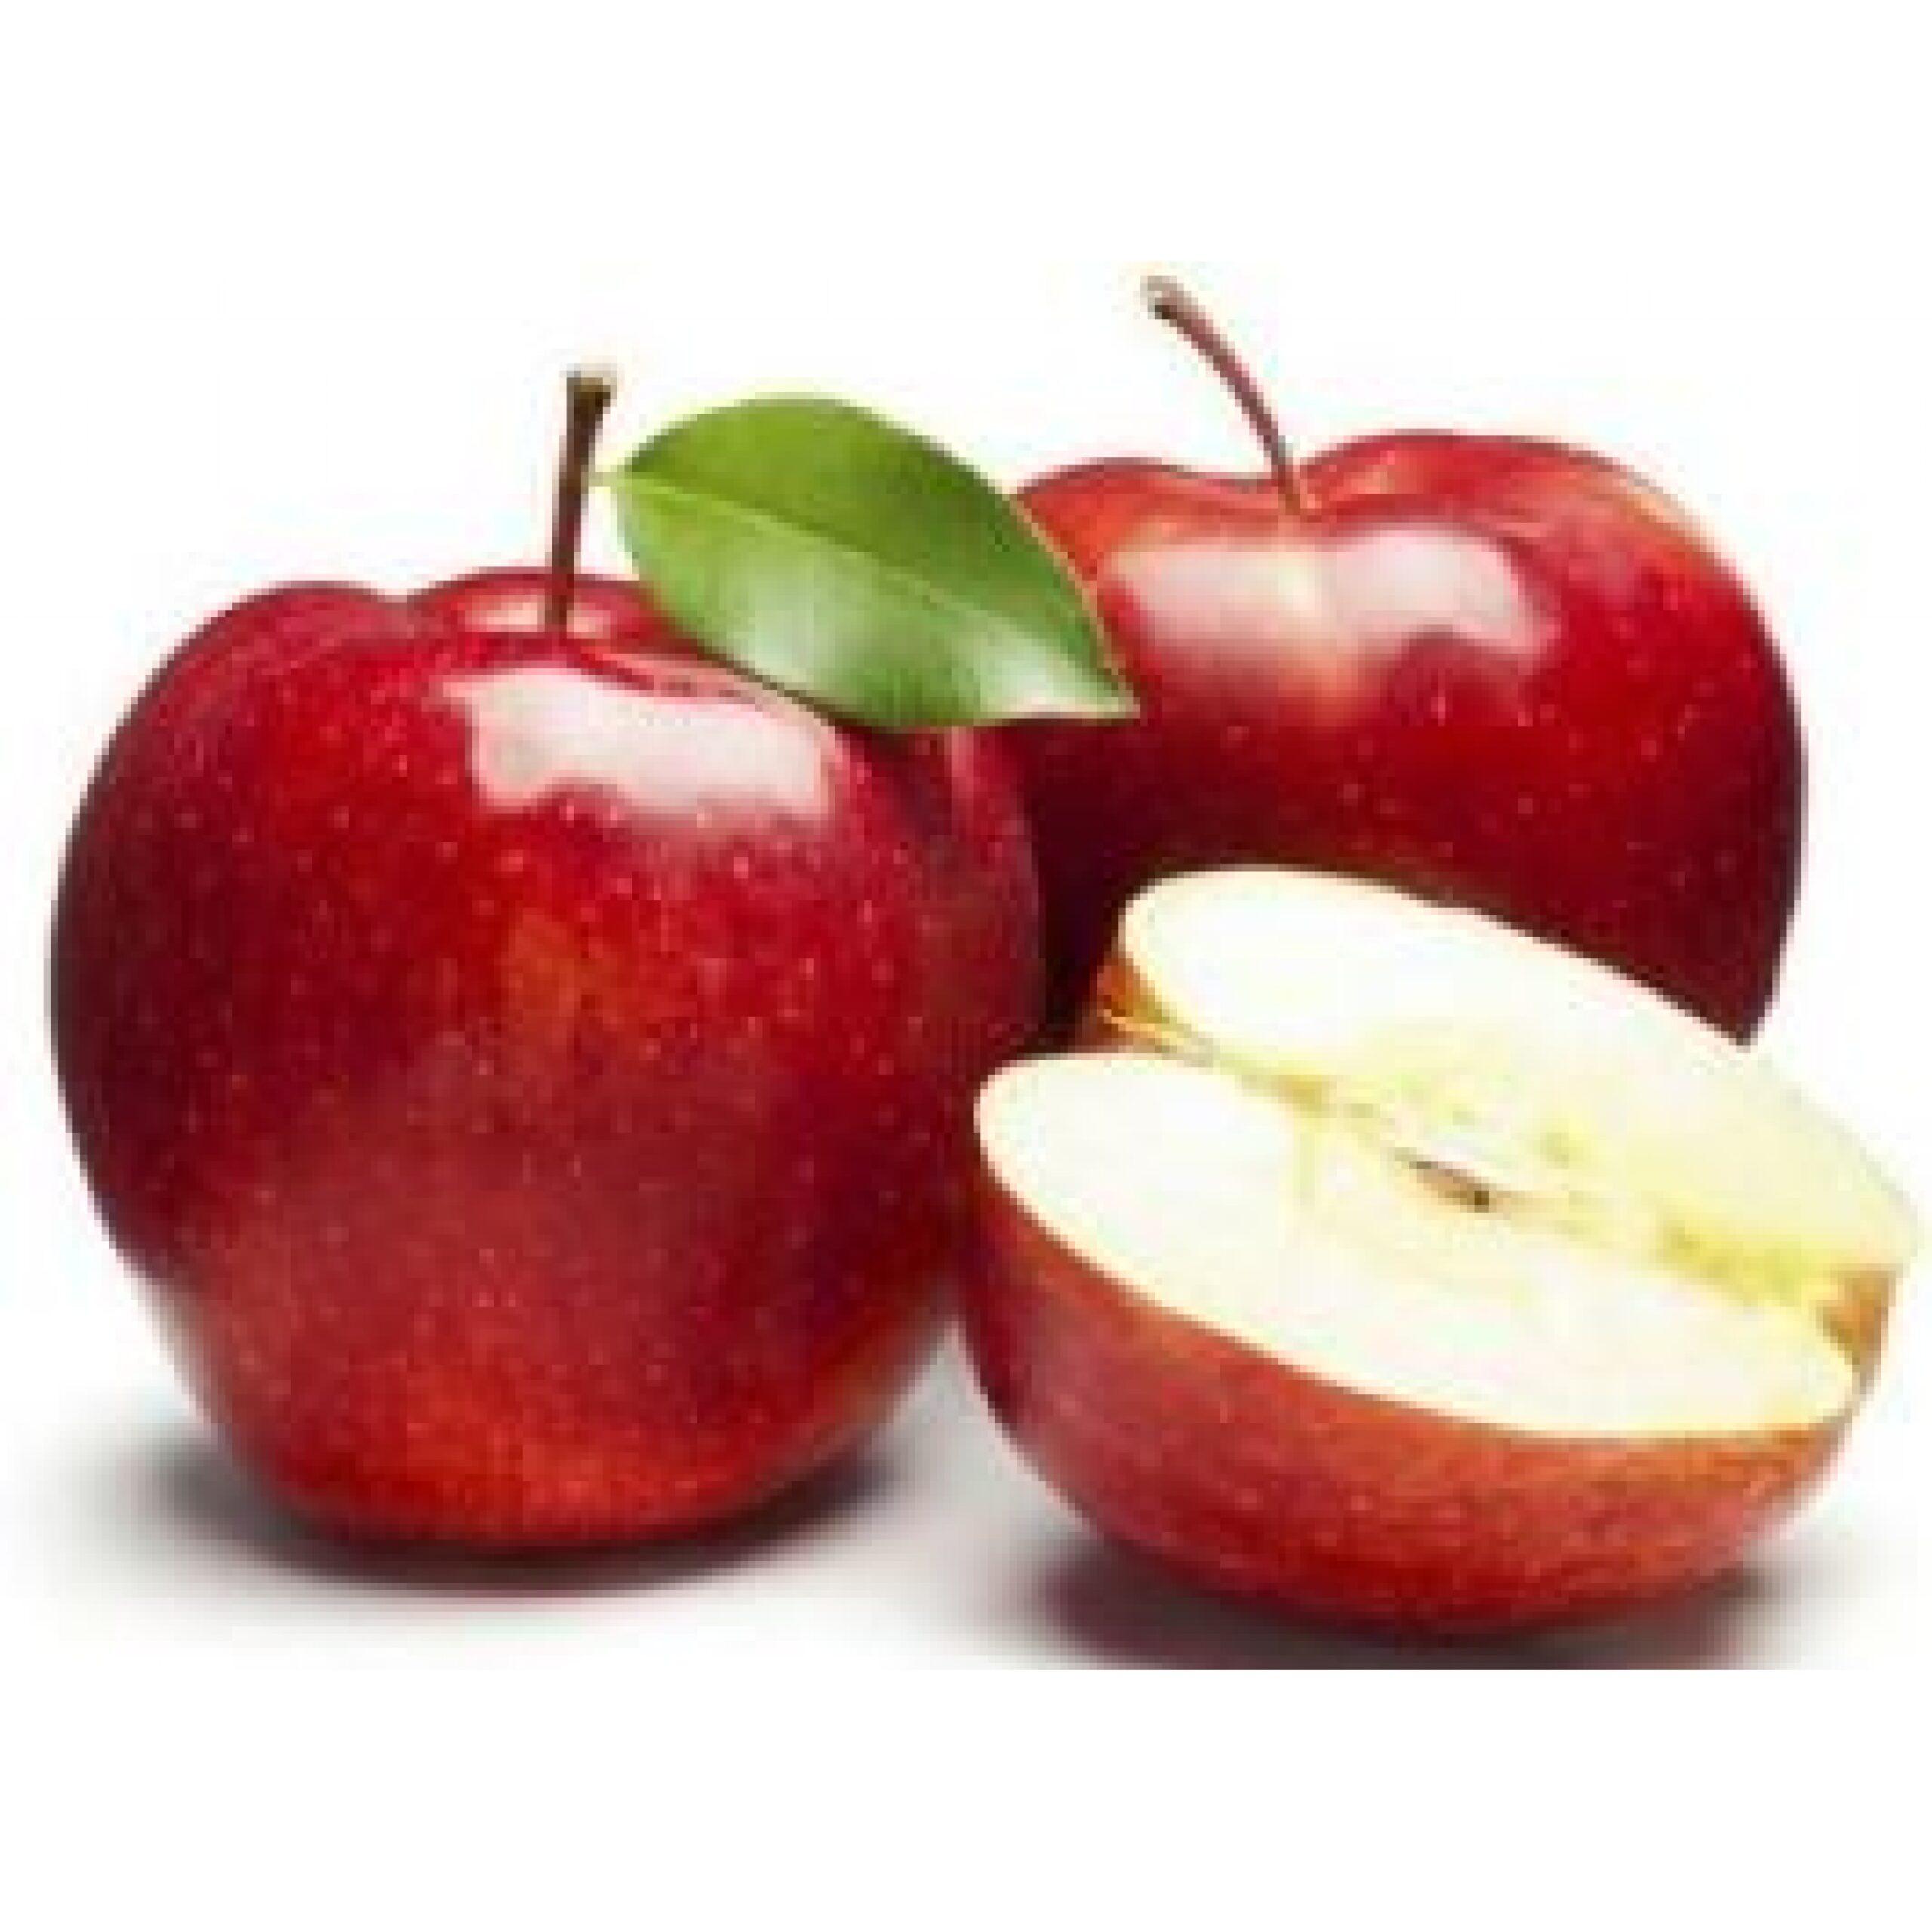 التفاح أحمر اللون